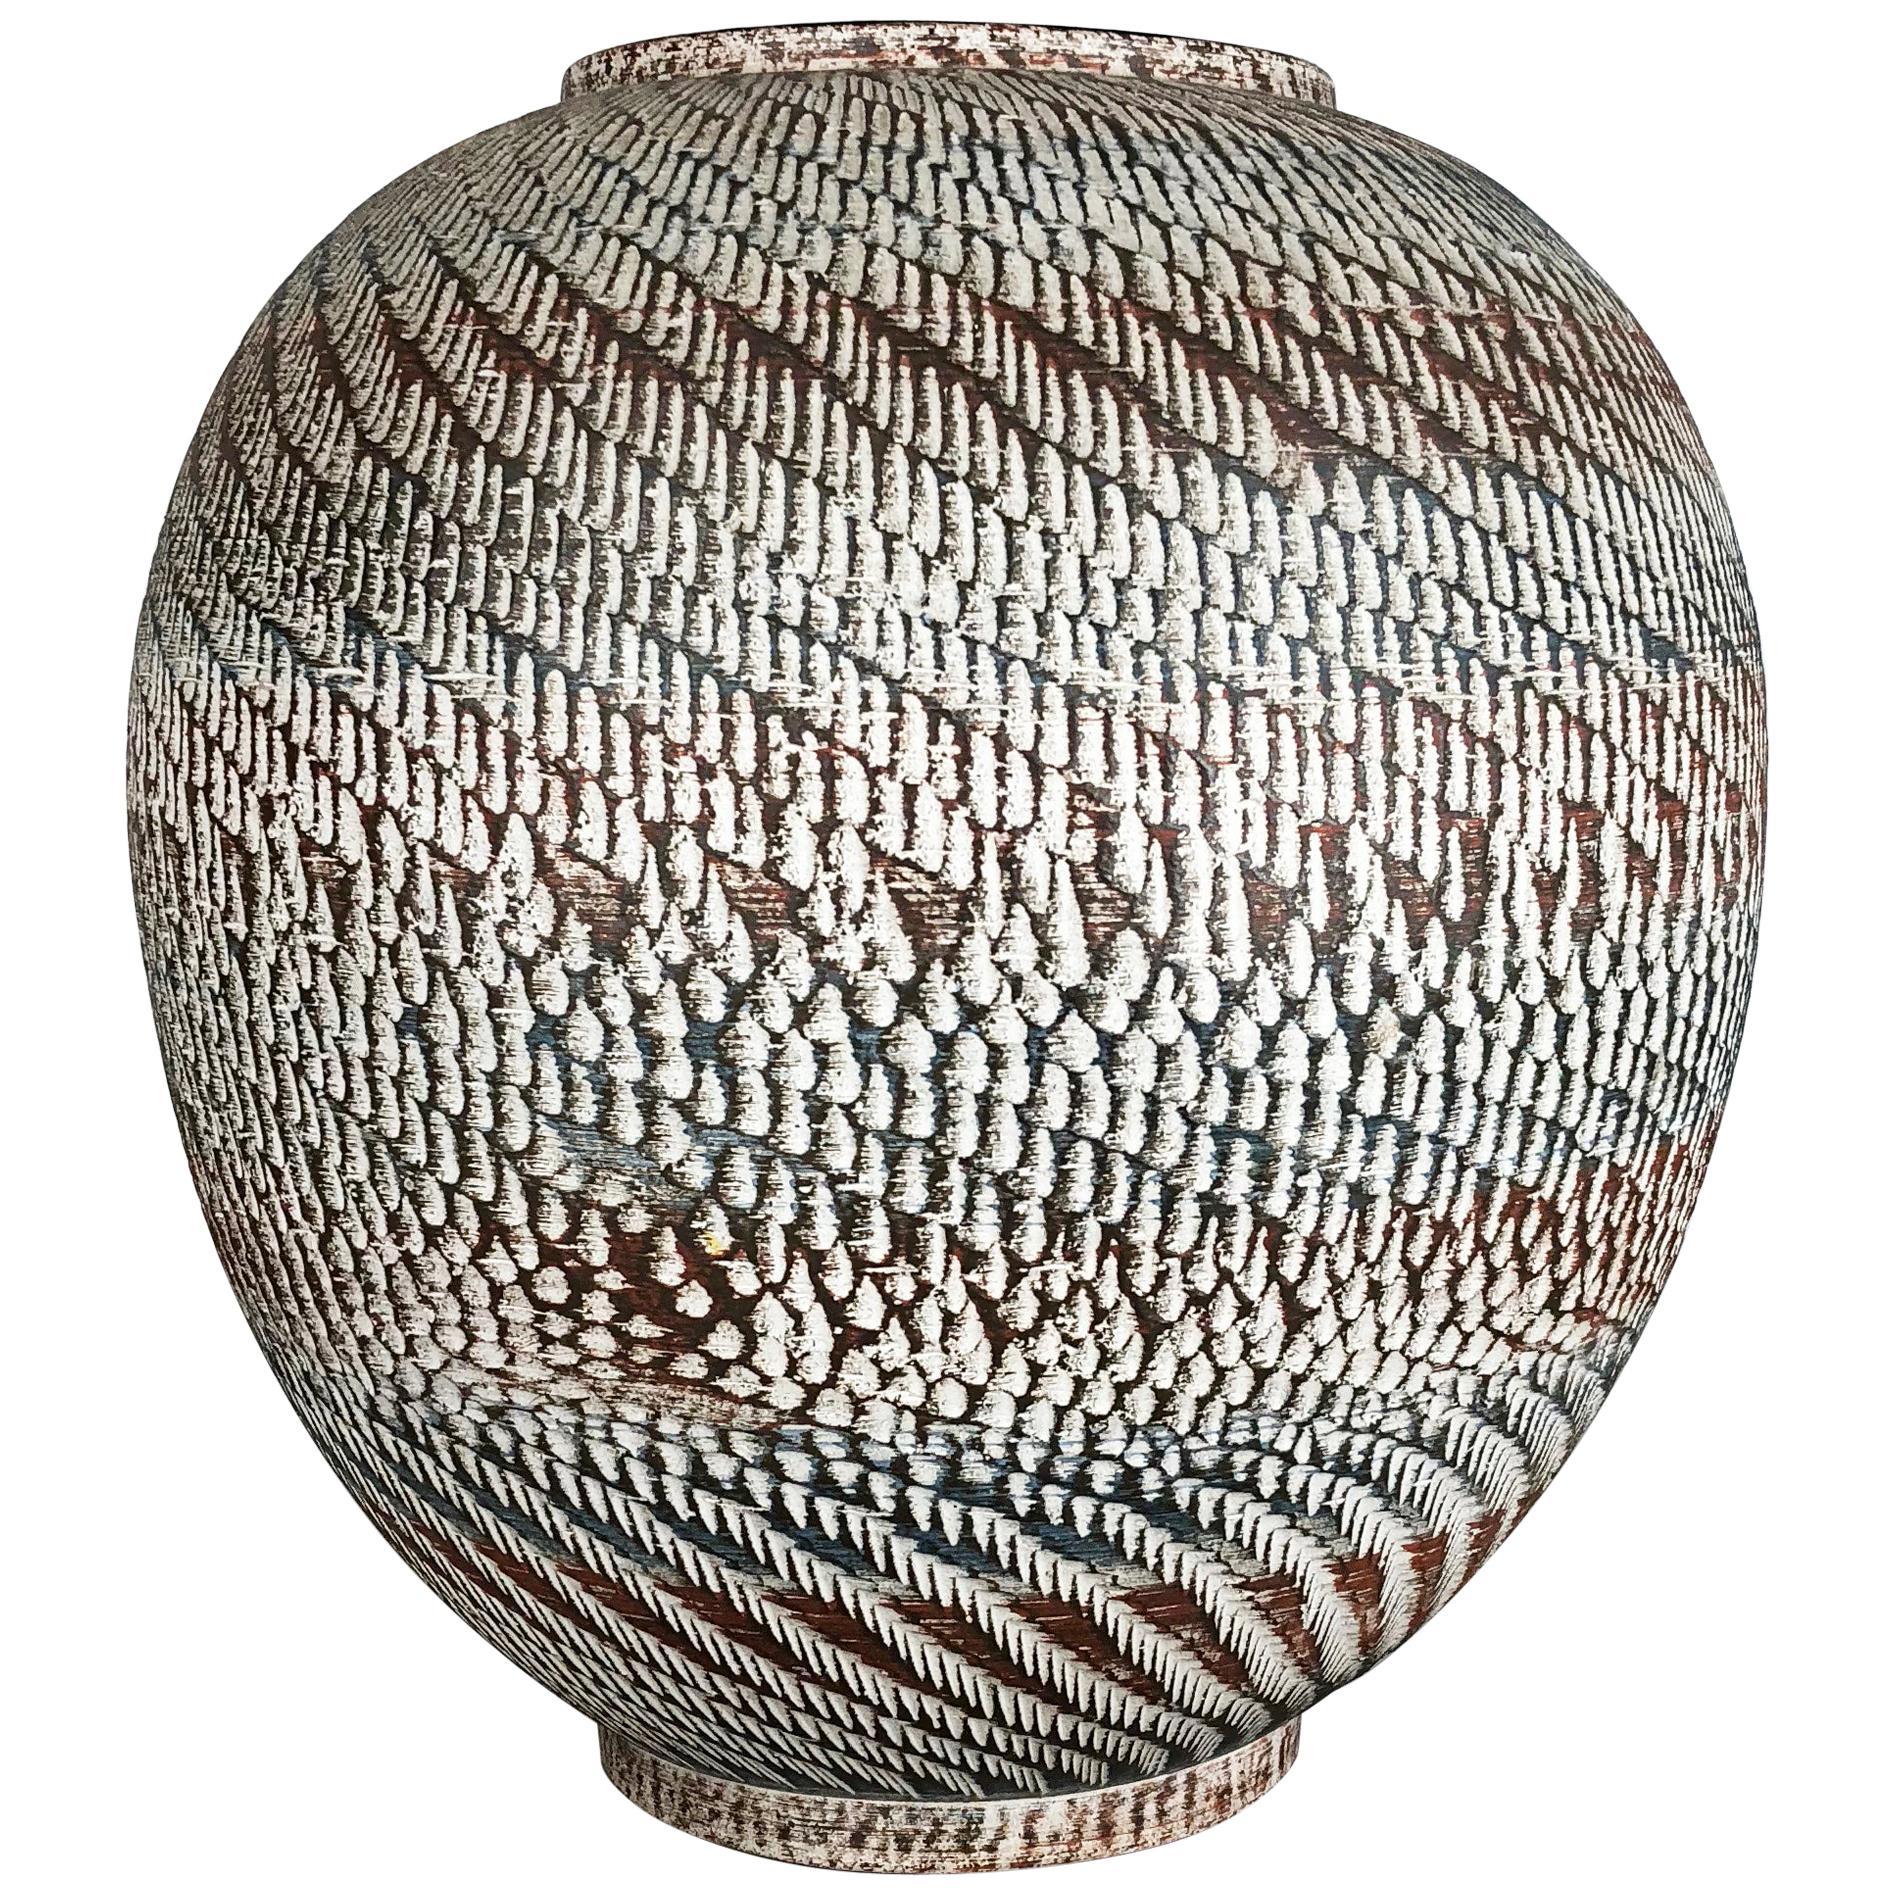 Super Large Ceramic Pottery Floor Vase by Dümmler and Breiden, Germany, 1950s